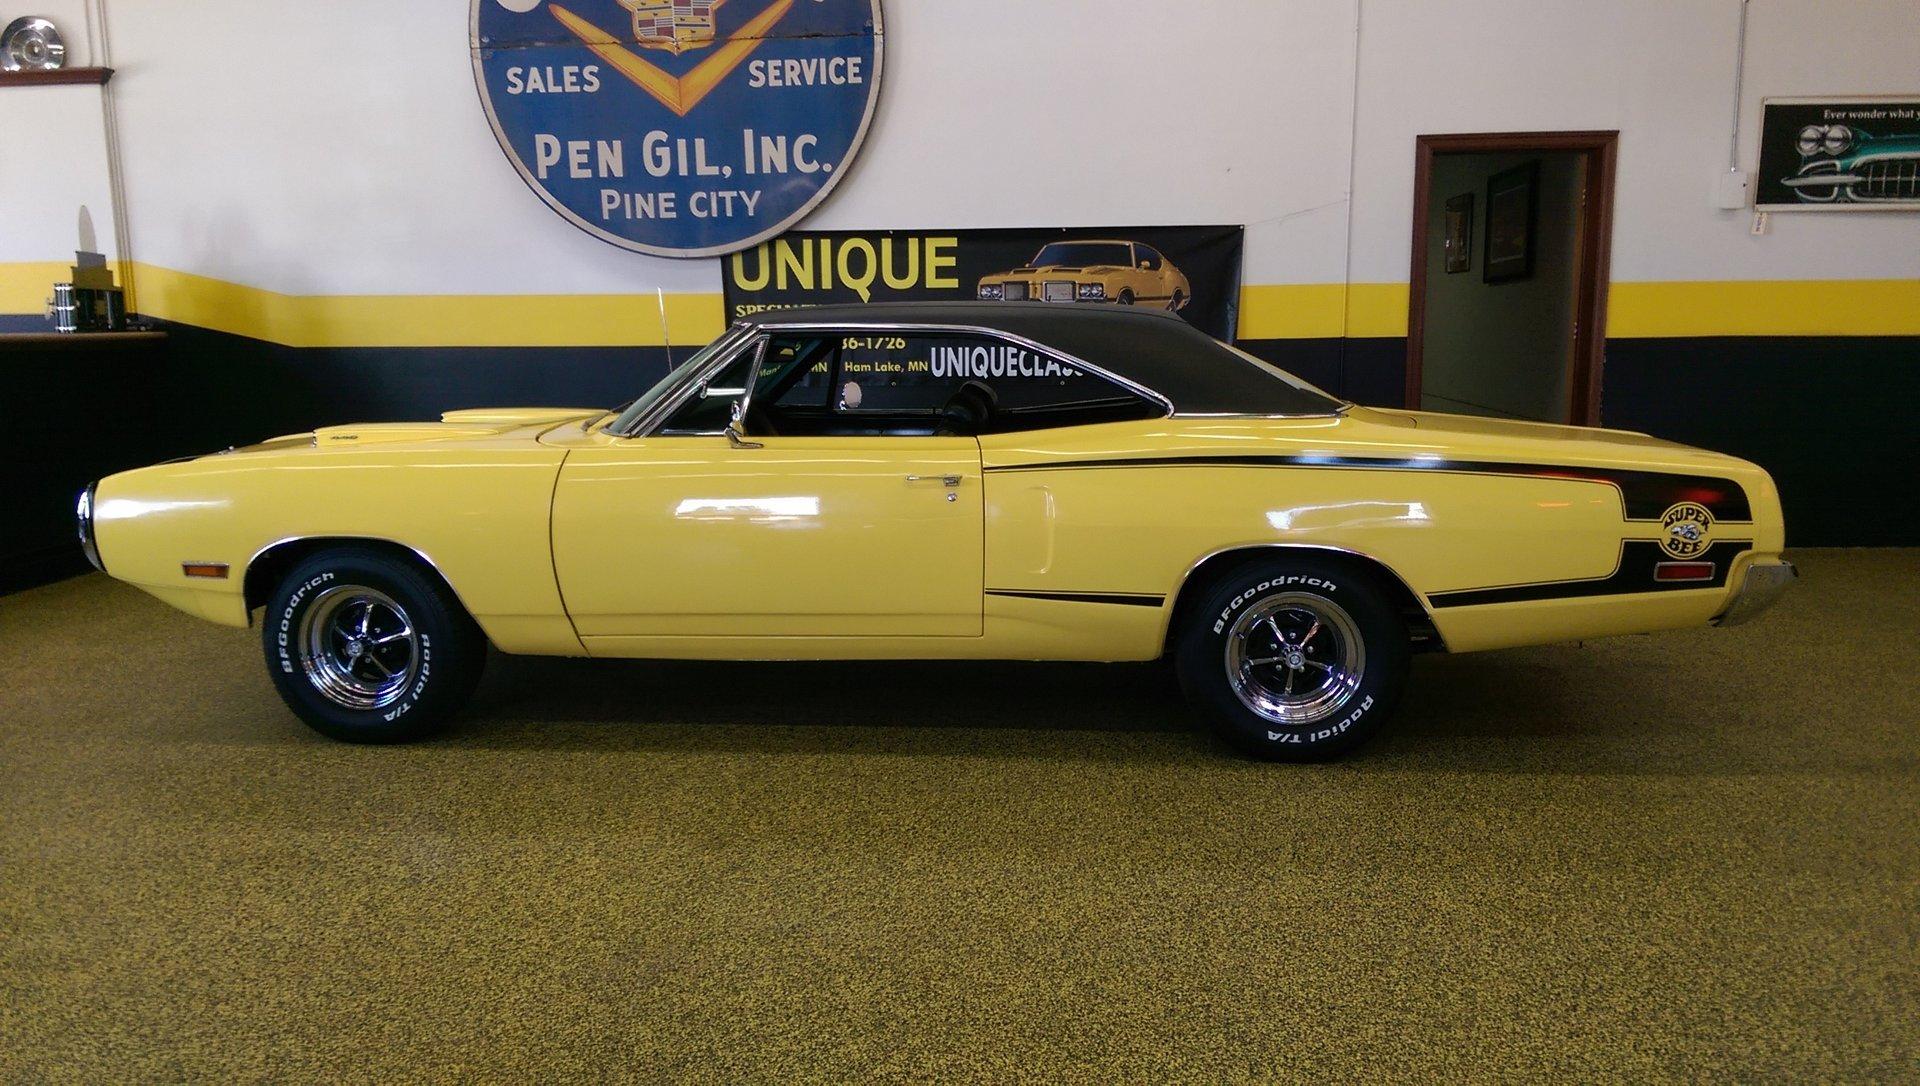 1970 Dodge Superbee 440 6 pak for sale #50478 | MCG